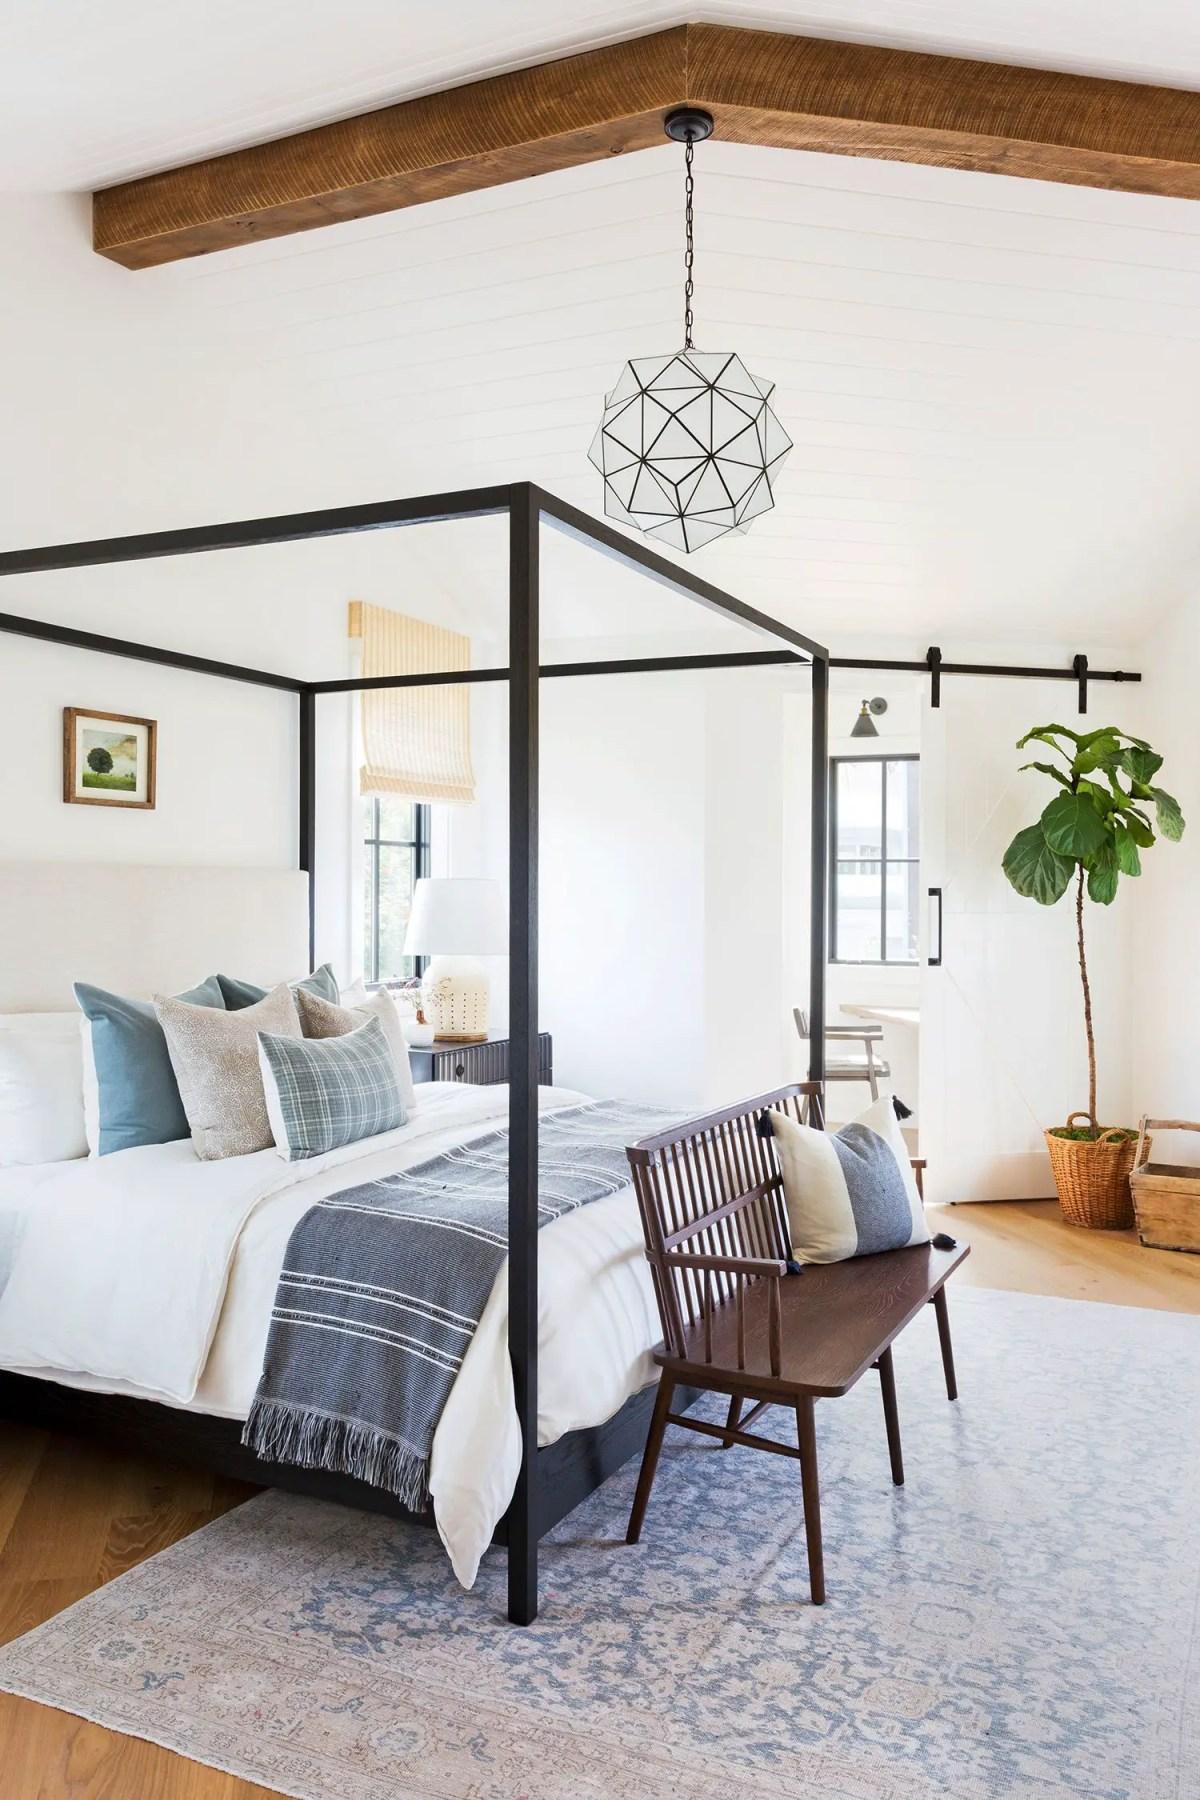 Bedroom-ideas-wood-bench-1603907211